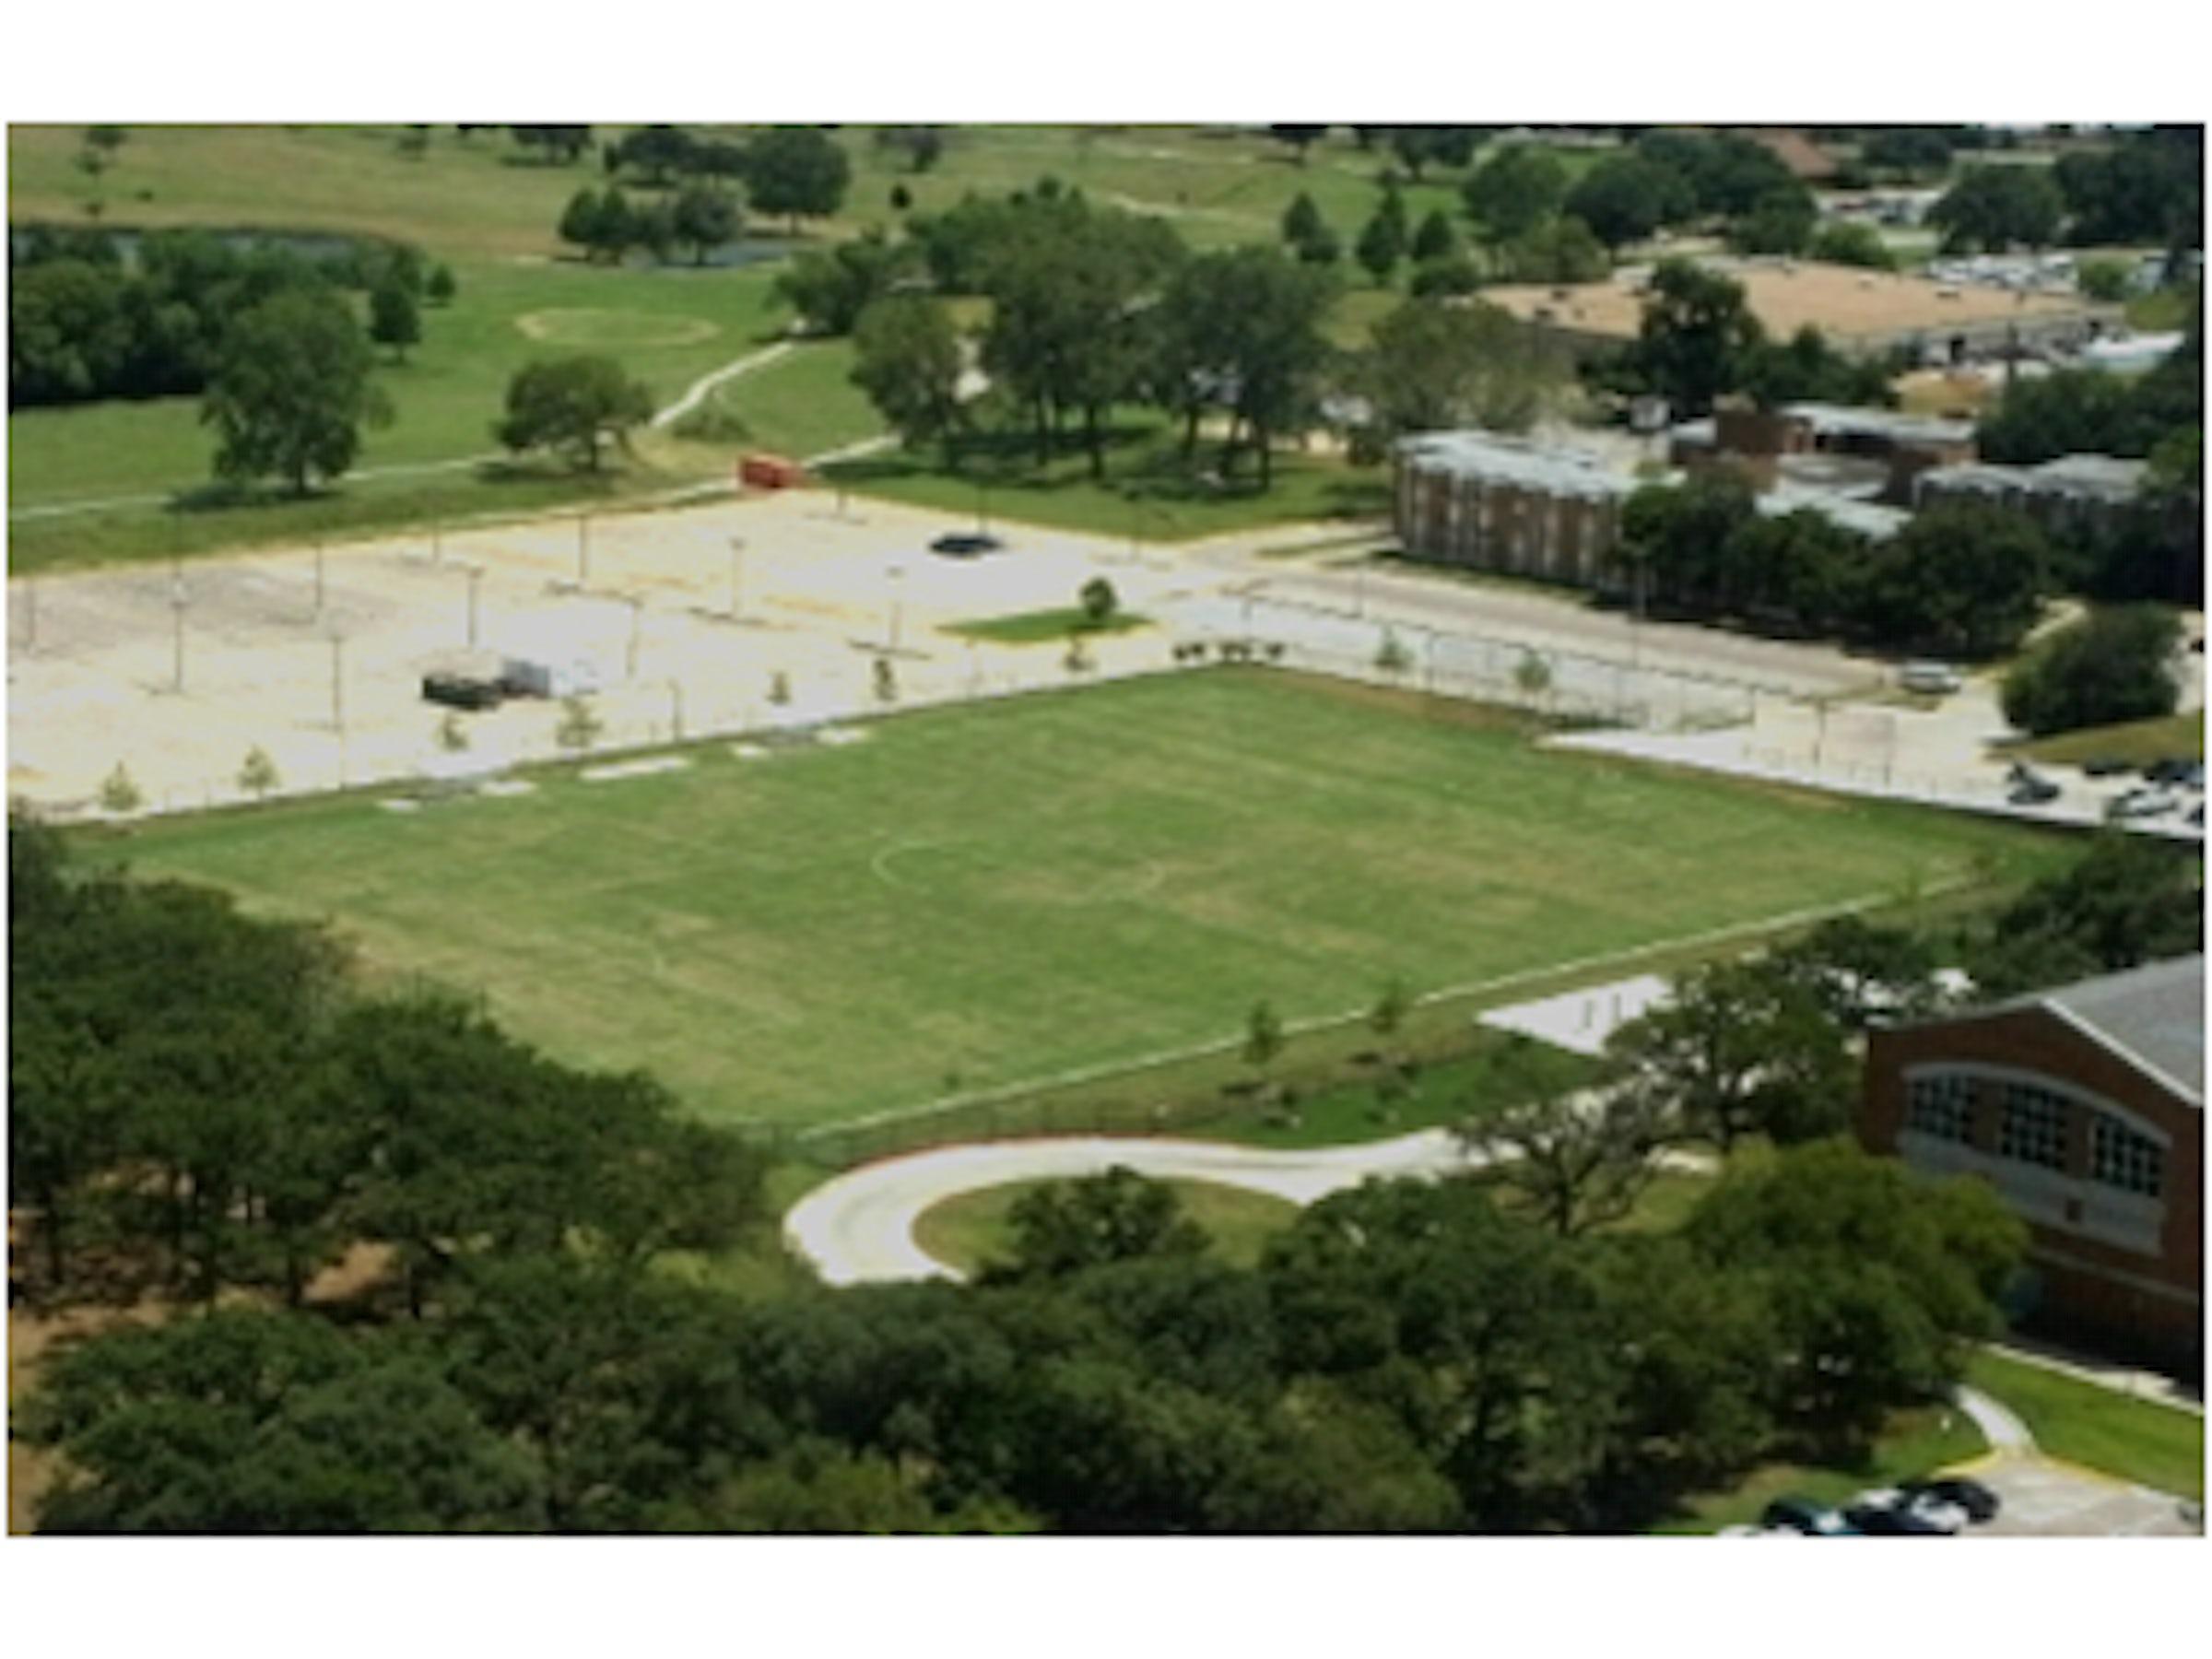 TWU Soccer Field